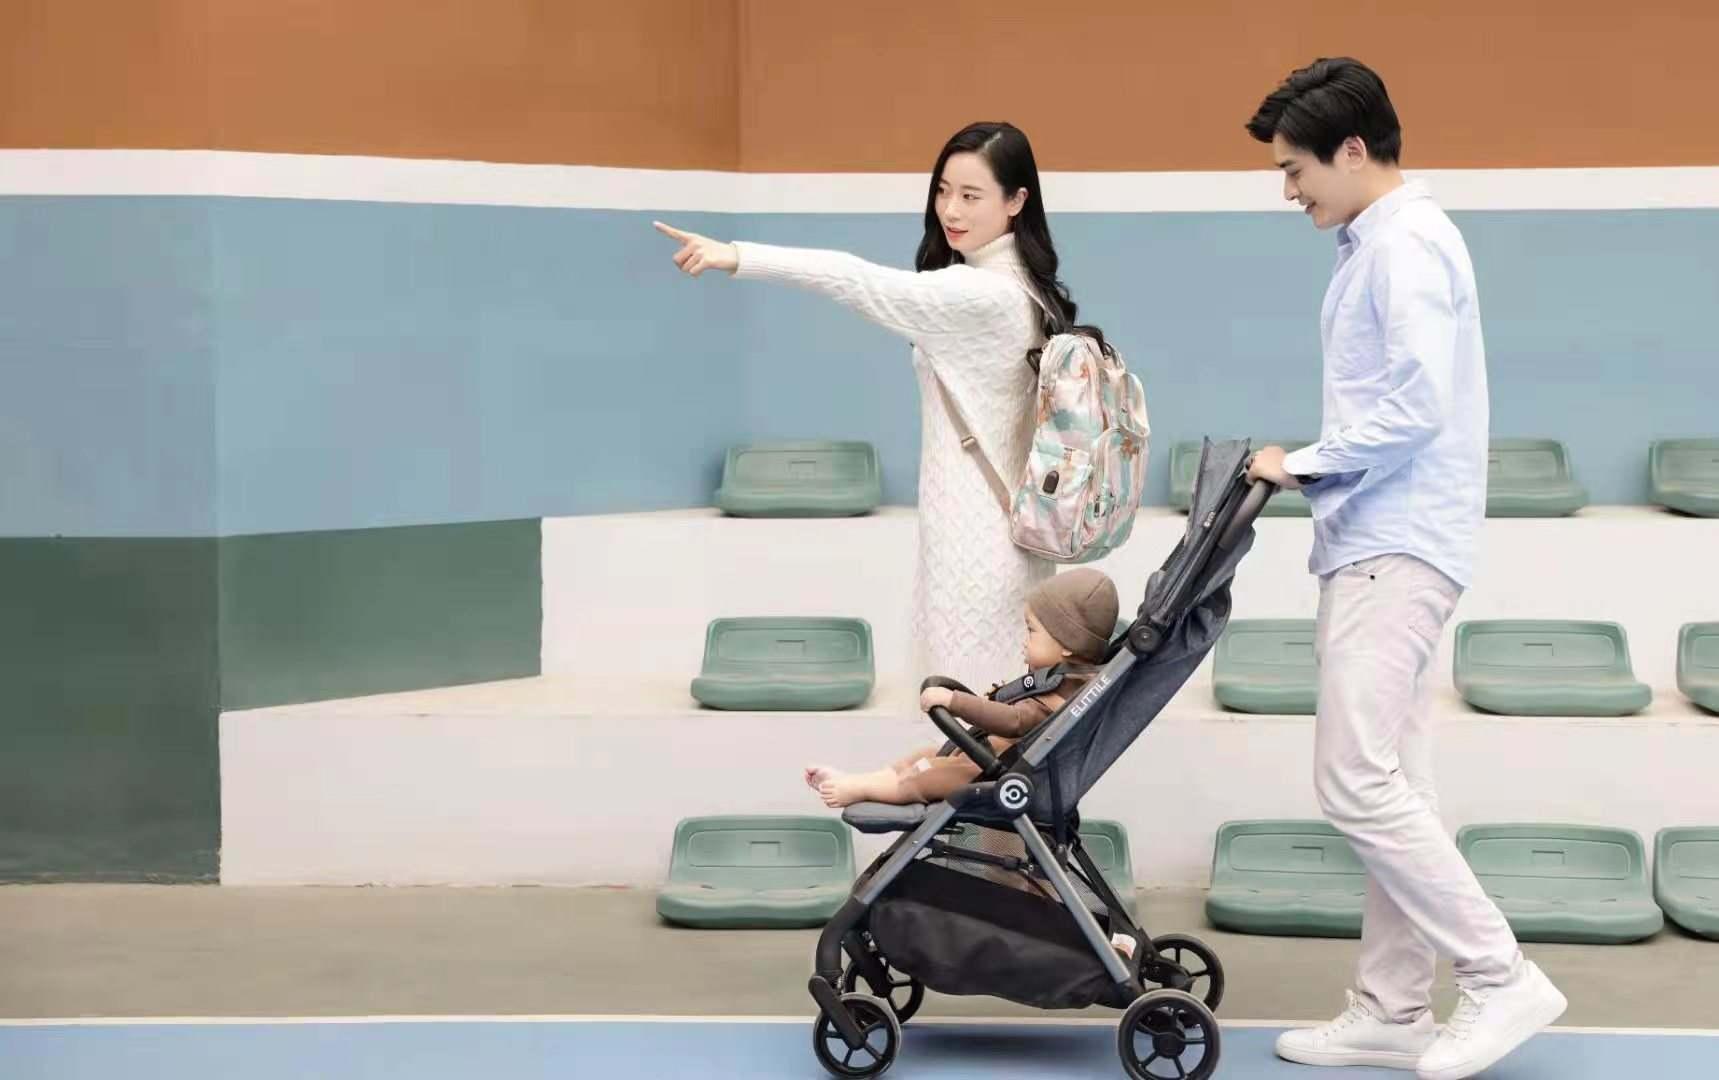 以婴儿推车为切入点,「elittle逸乐途」要做聚焦亲子出行场景的母婴品牌